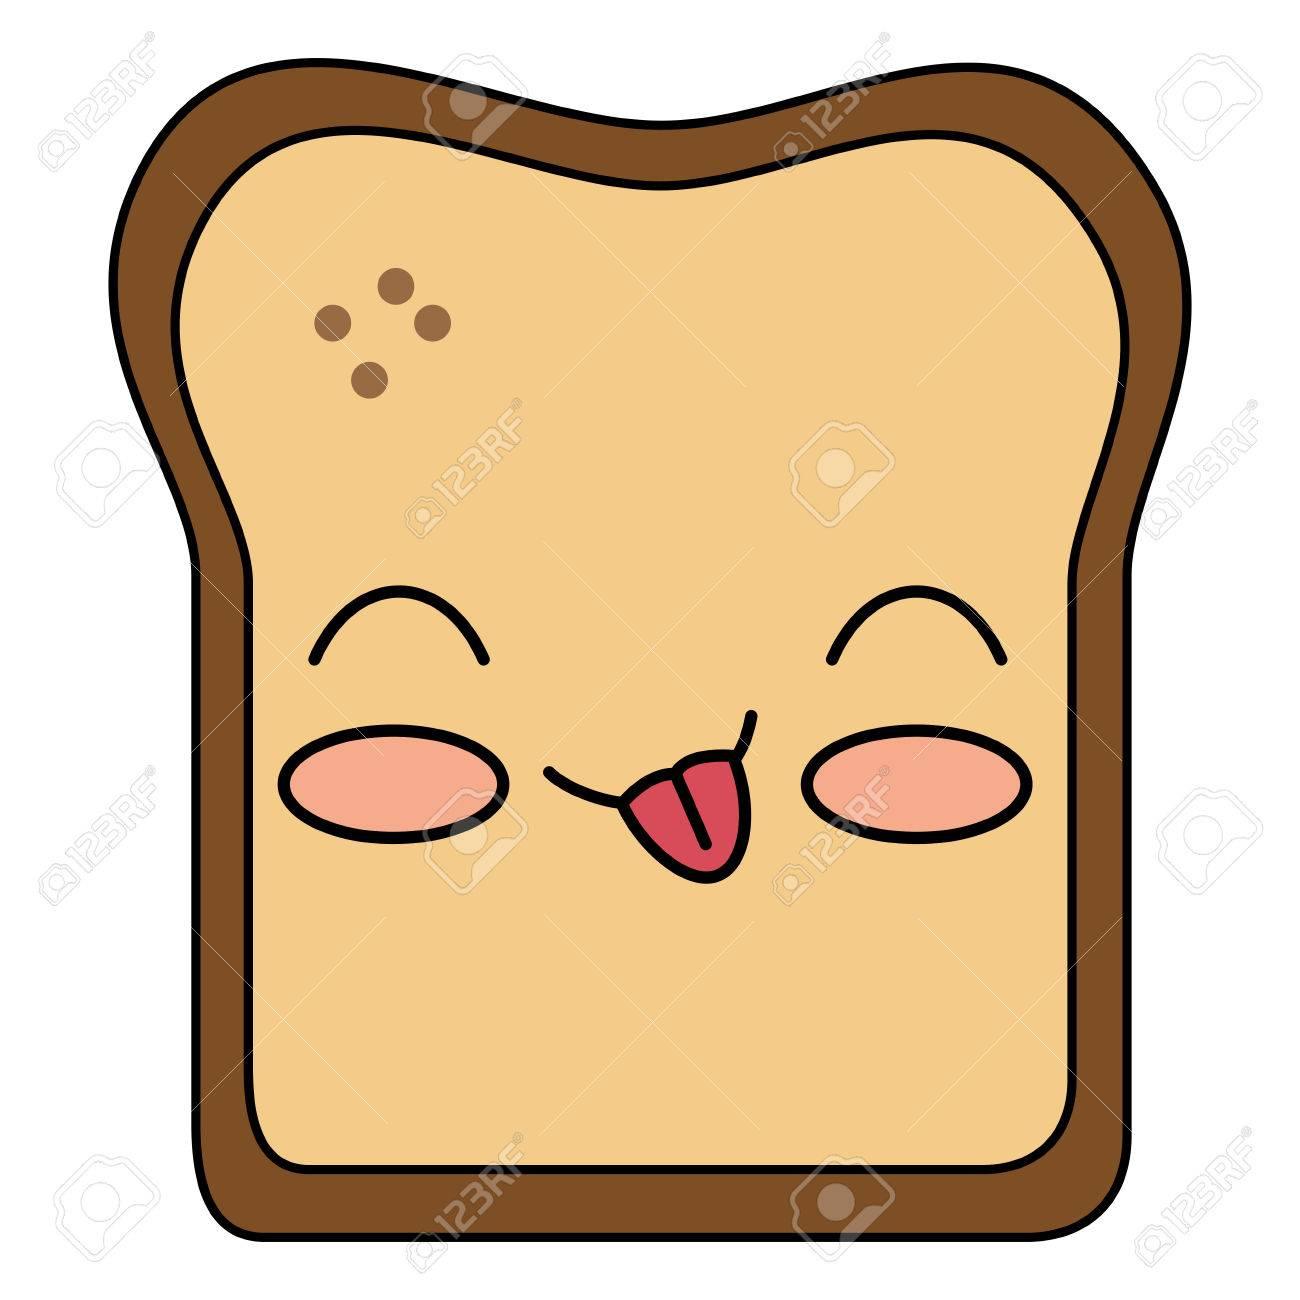 おいしいトーストのパンかわいい文字ベクトル イラスト デザインの